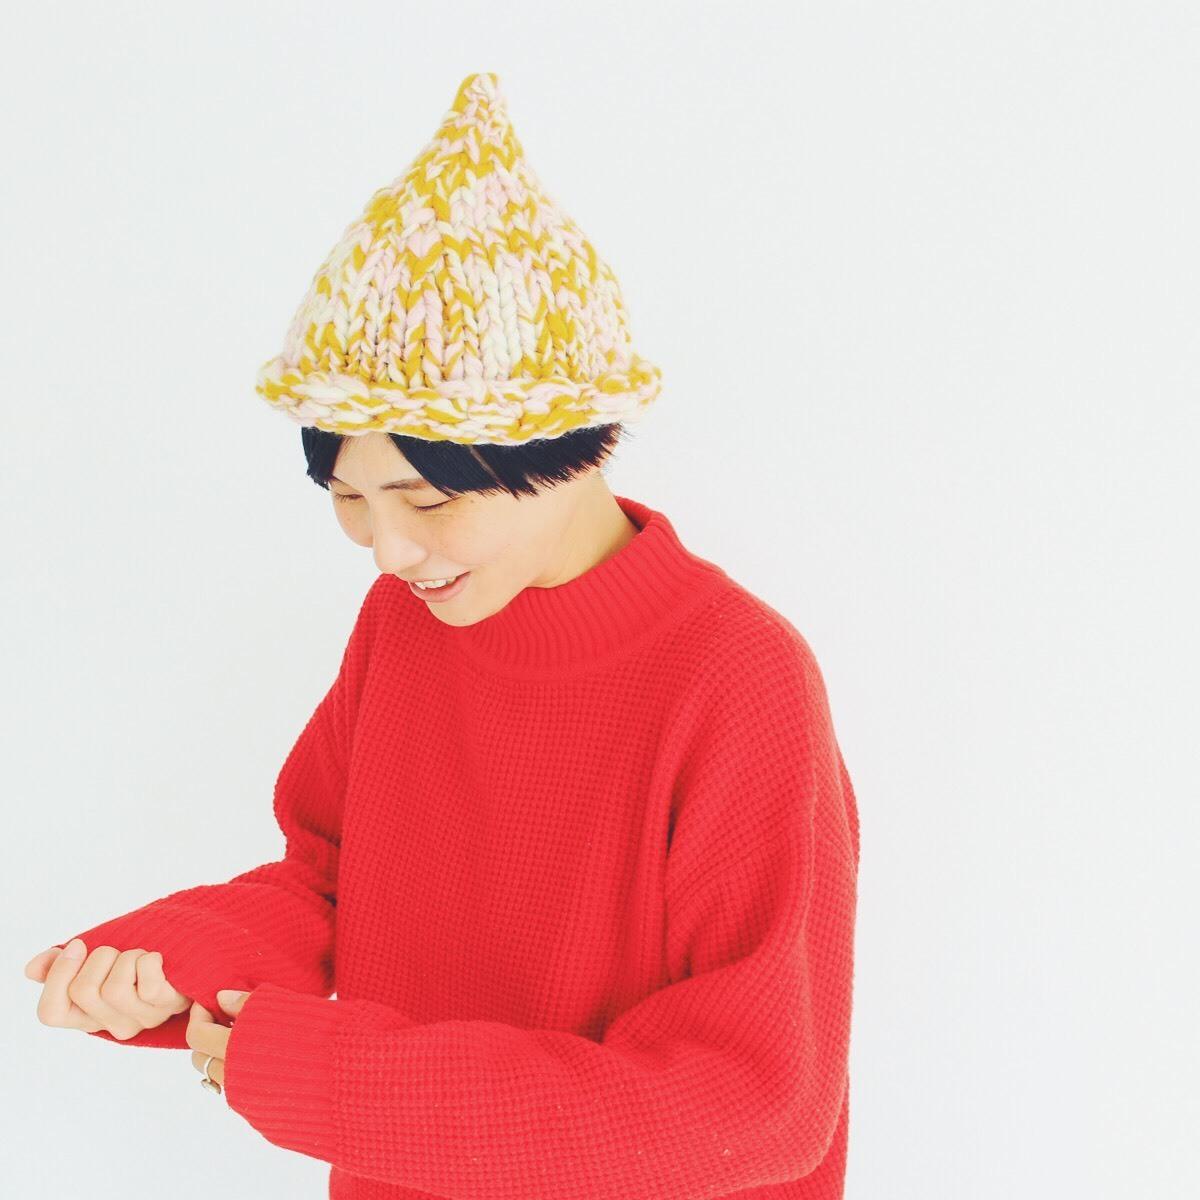 ニット帽「マカロン」ご注文方法 詳細_e0210809_02160455.jpeg